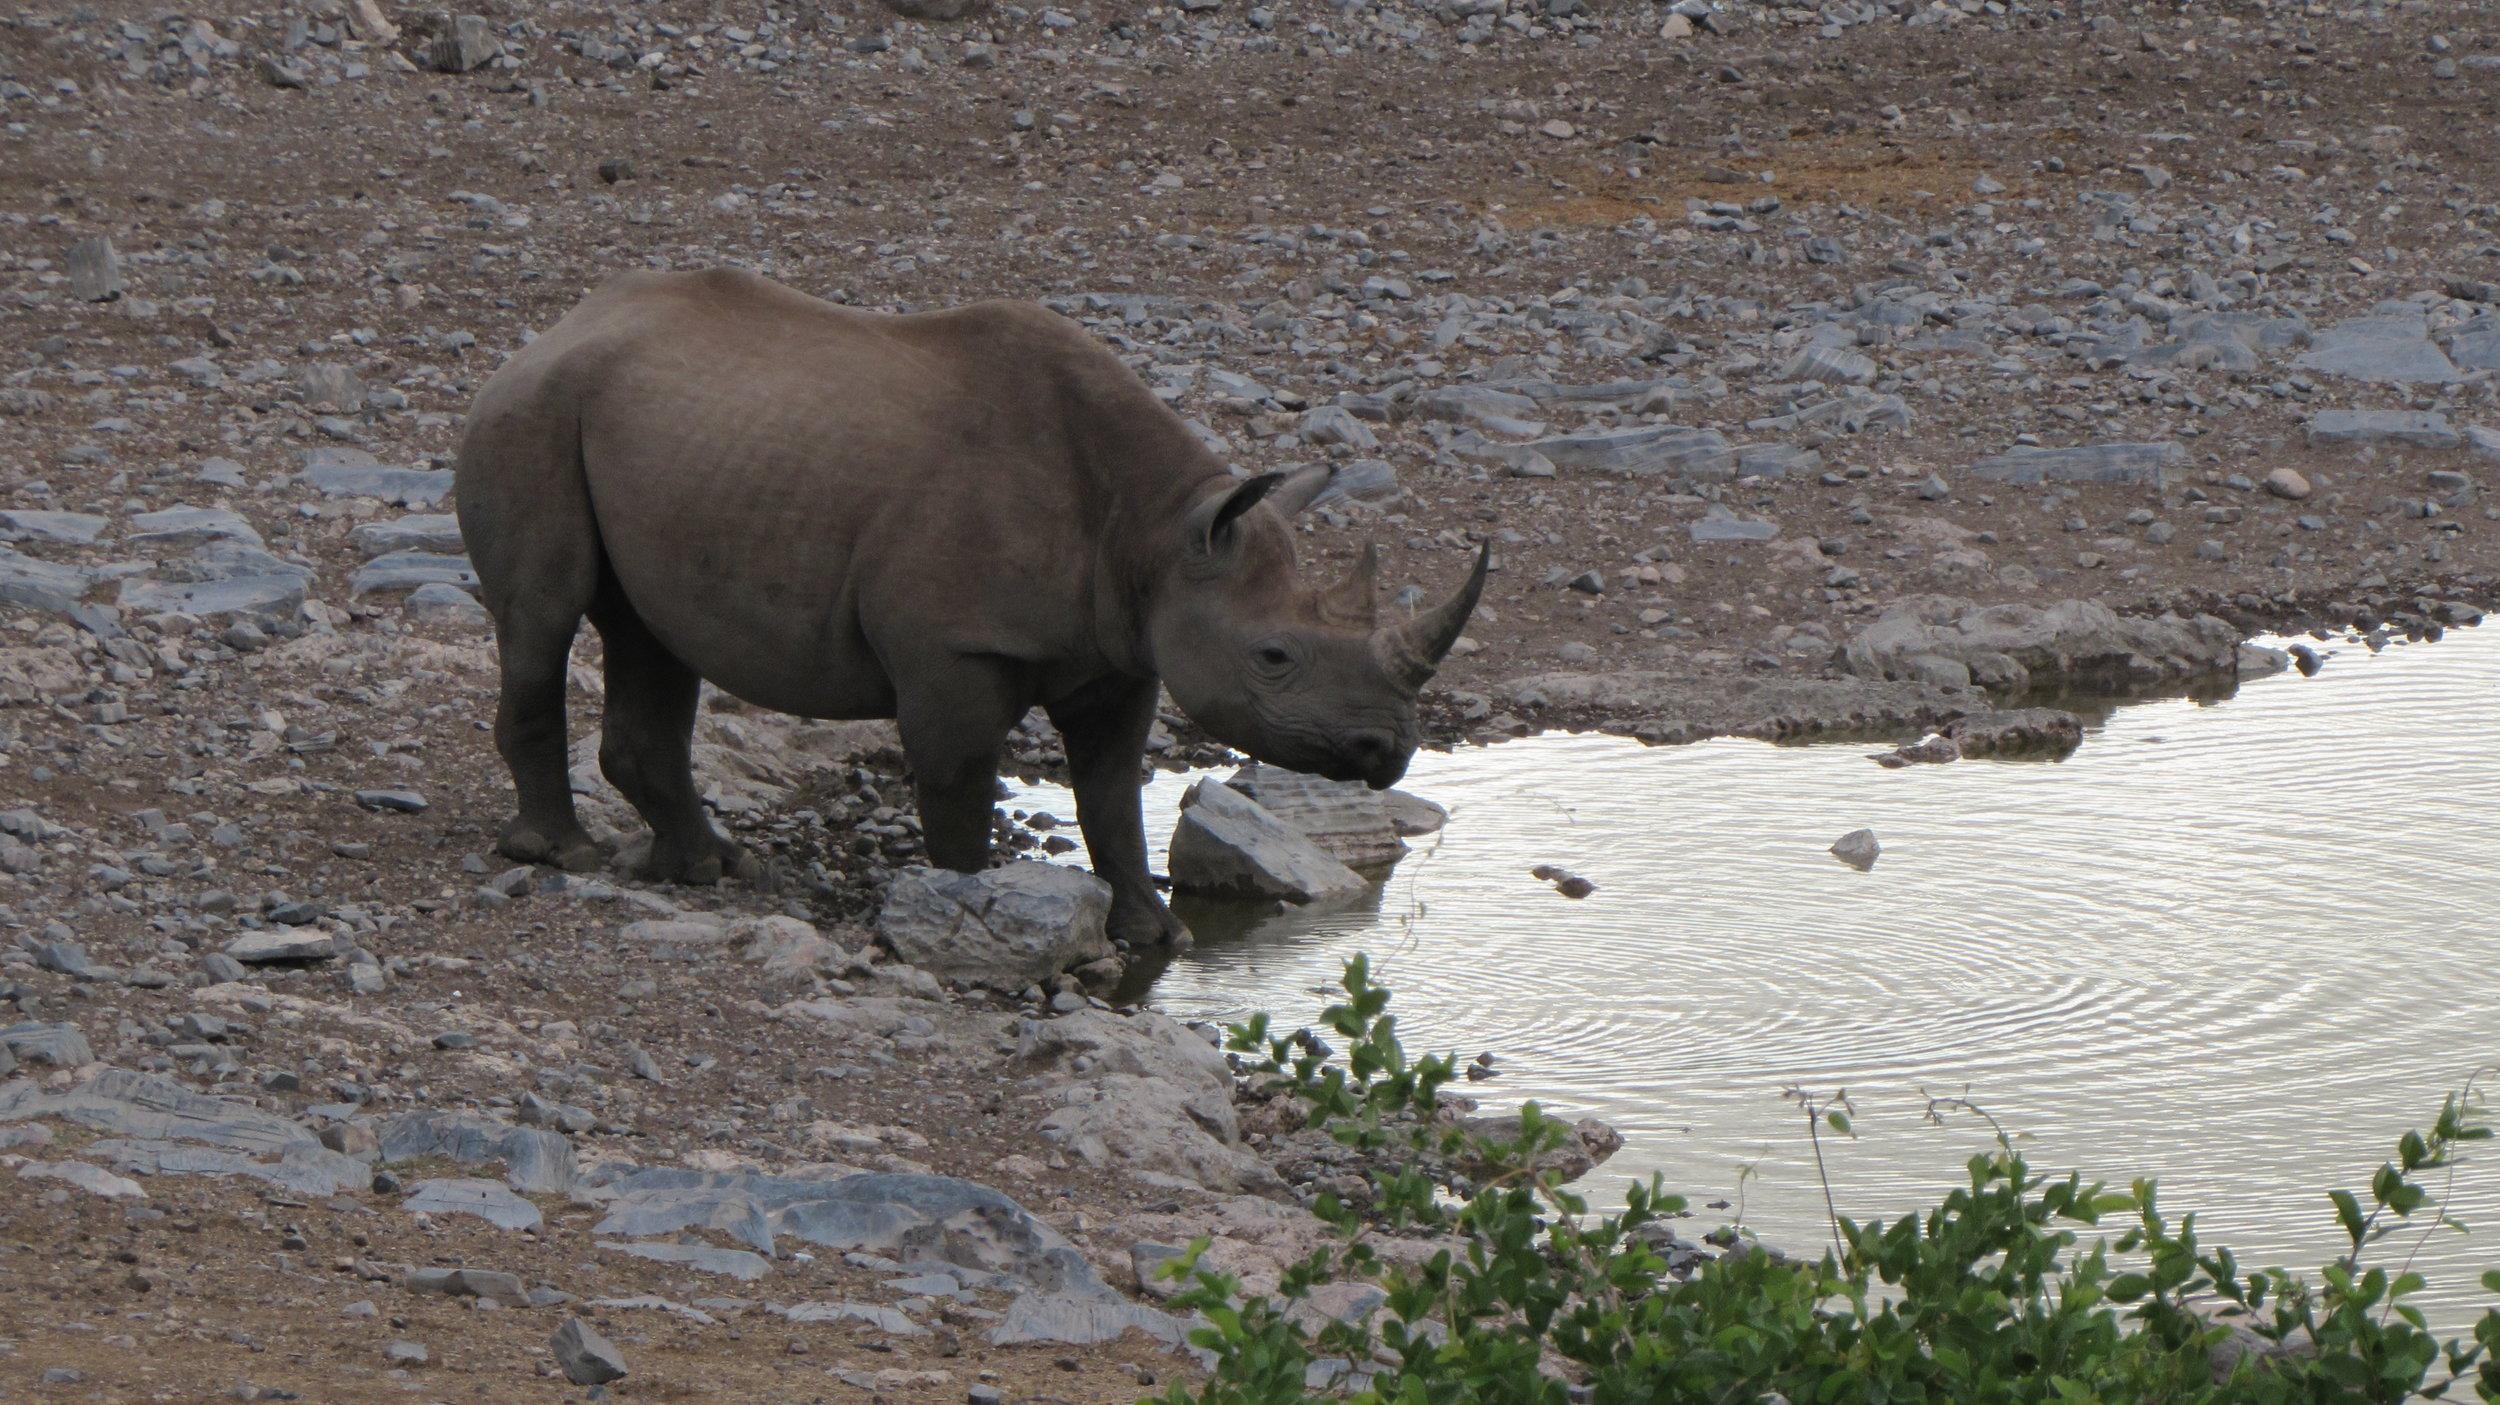 A rhino in the early morning at Halali waterhole